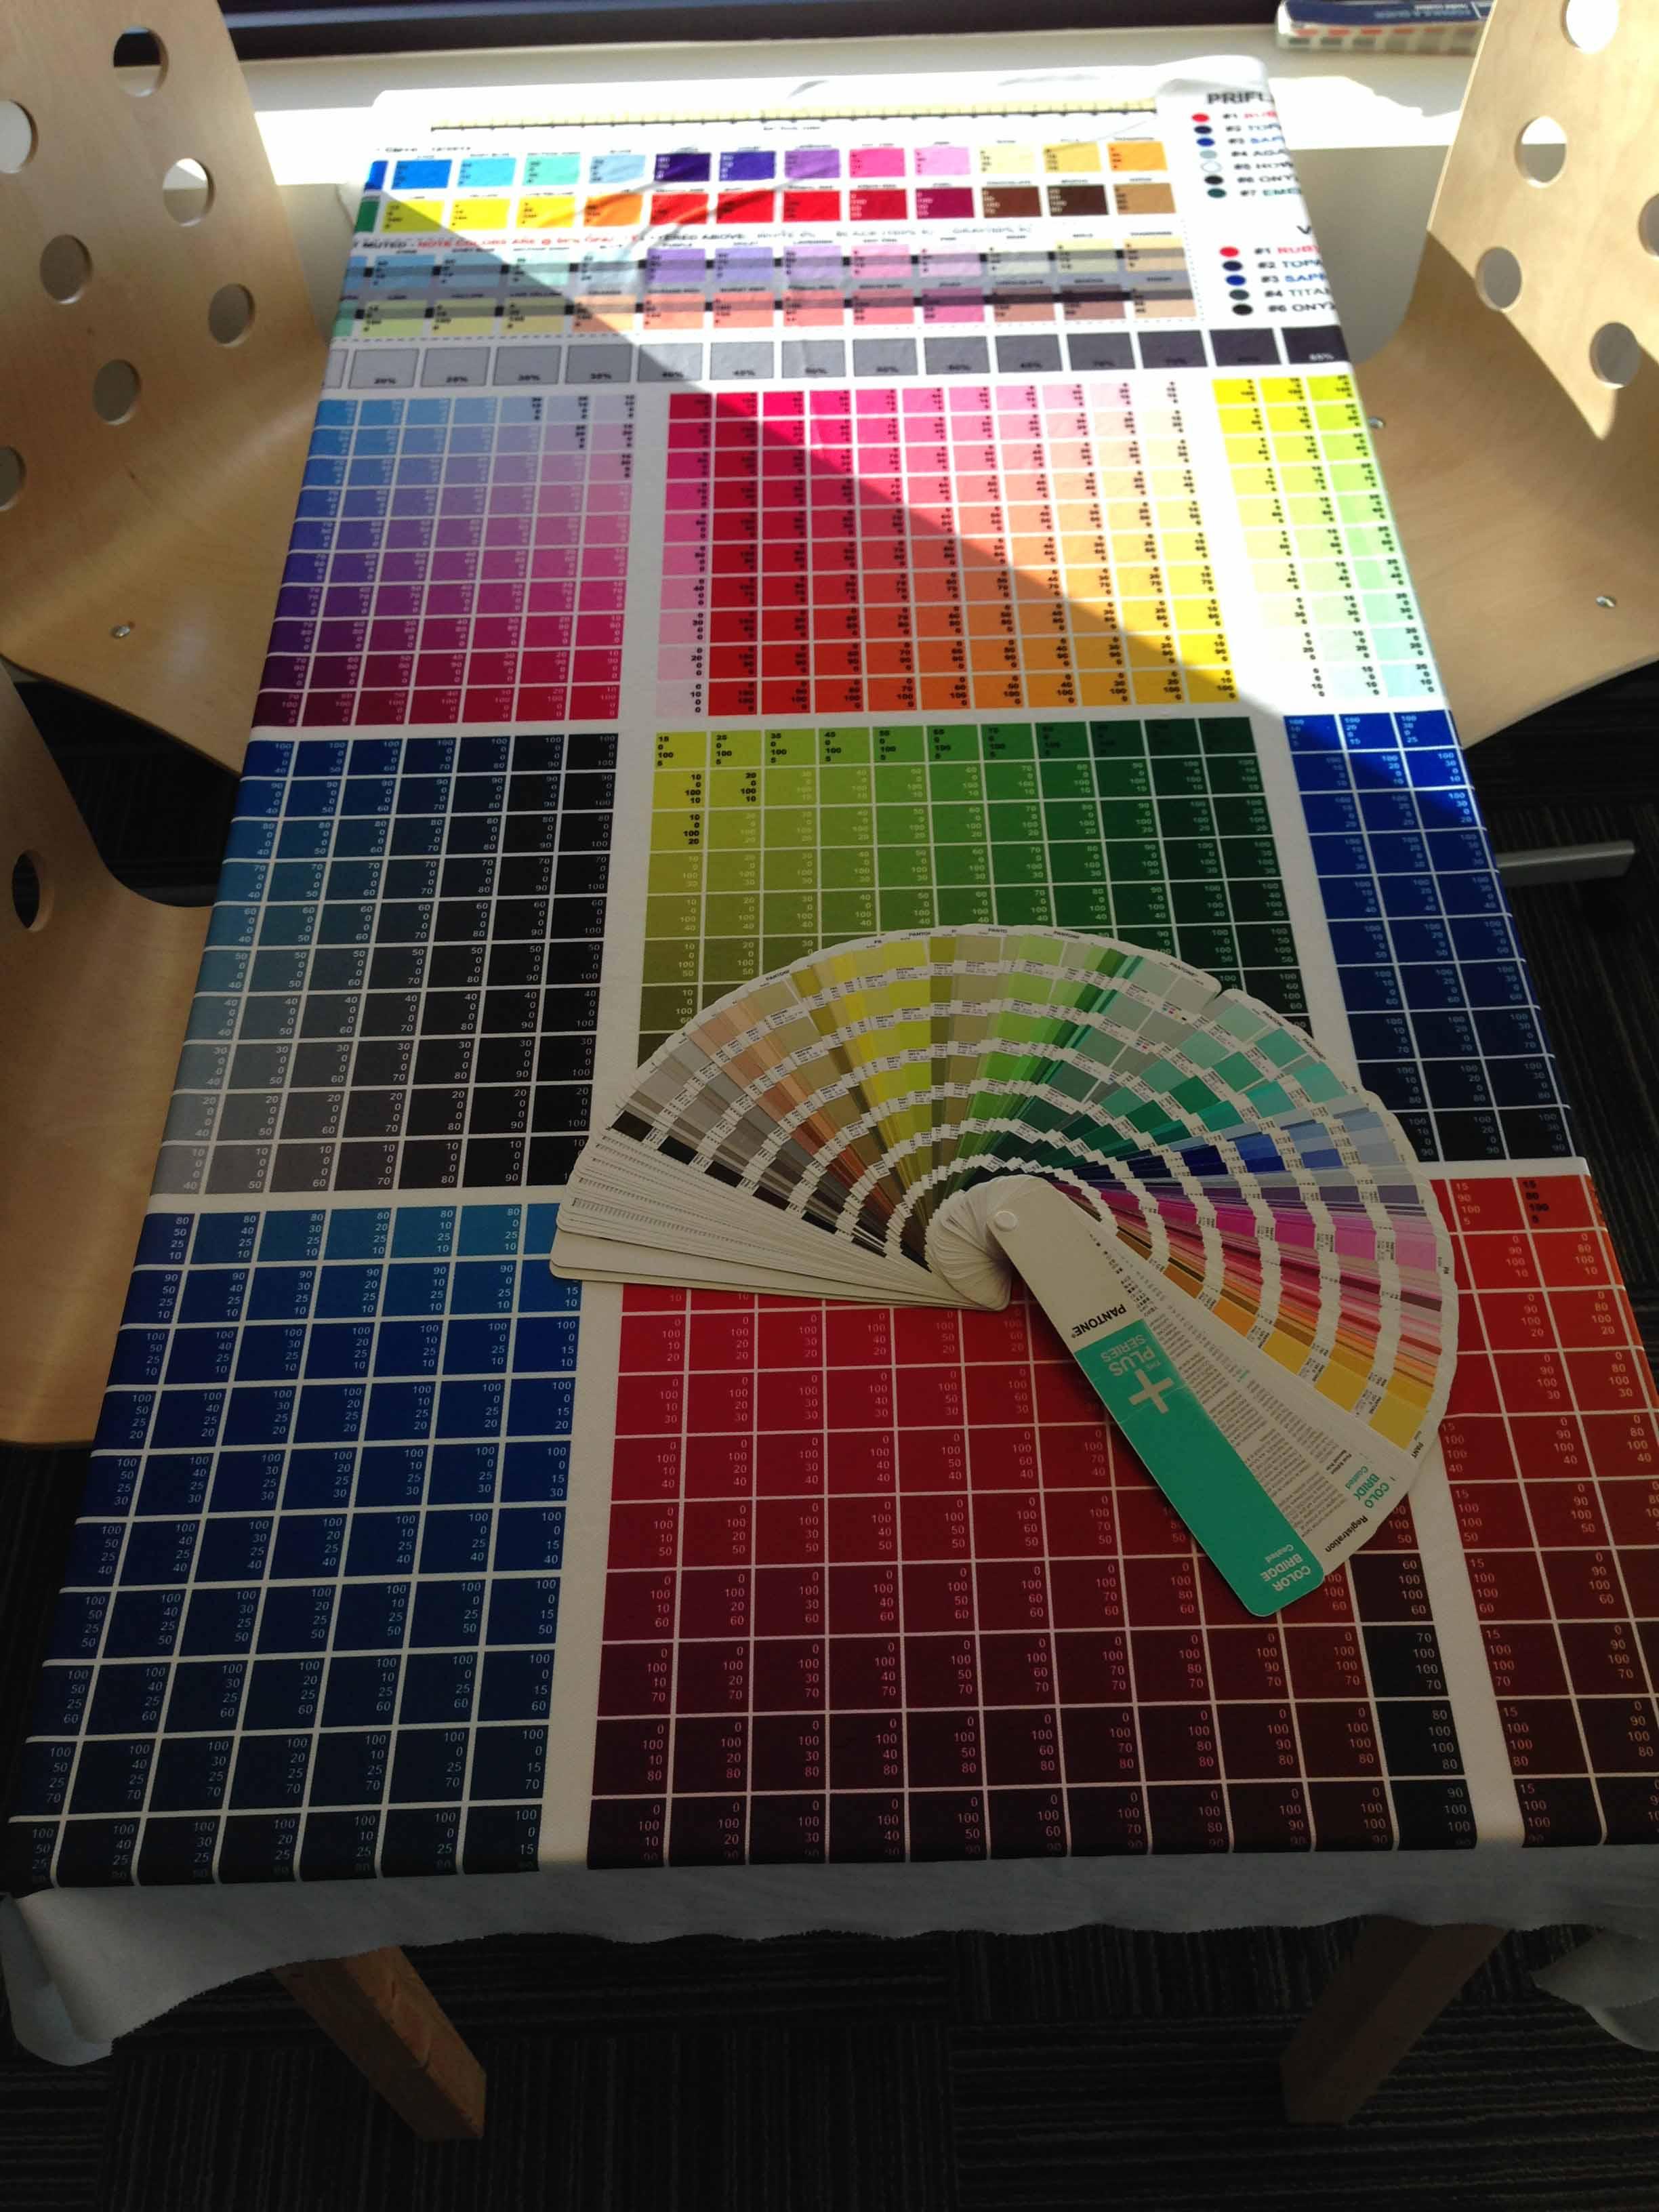 Colorblanket.JPG